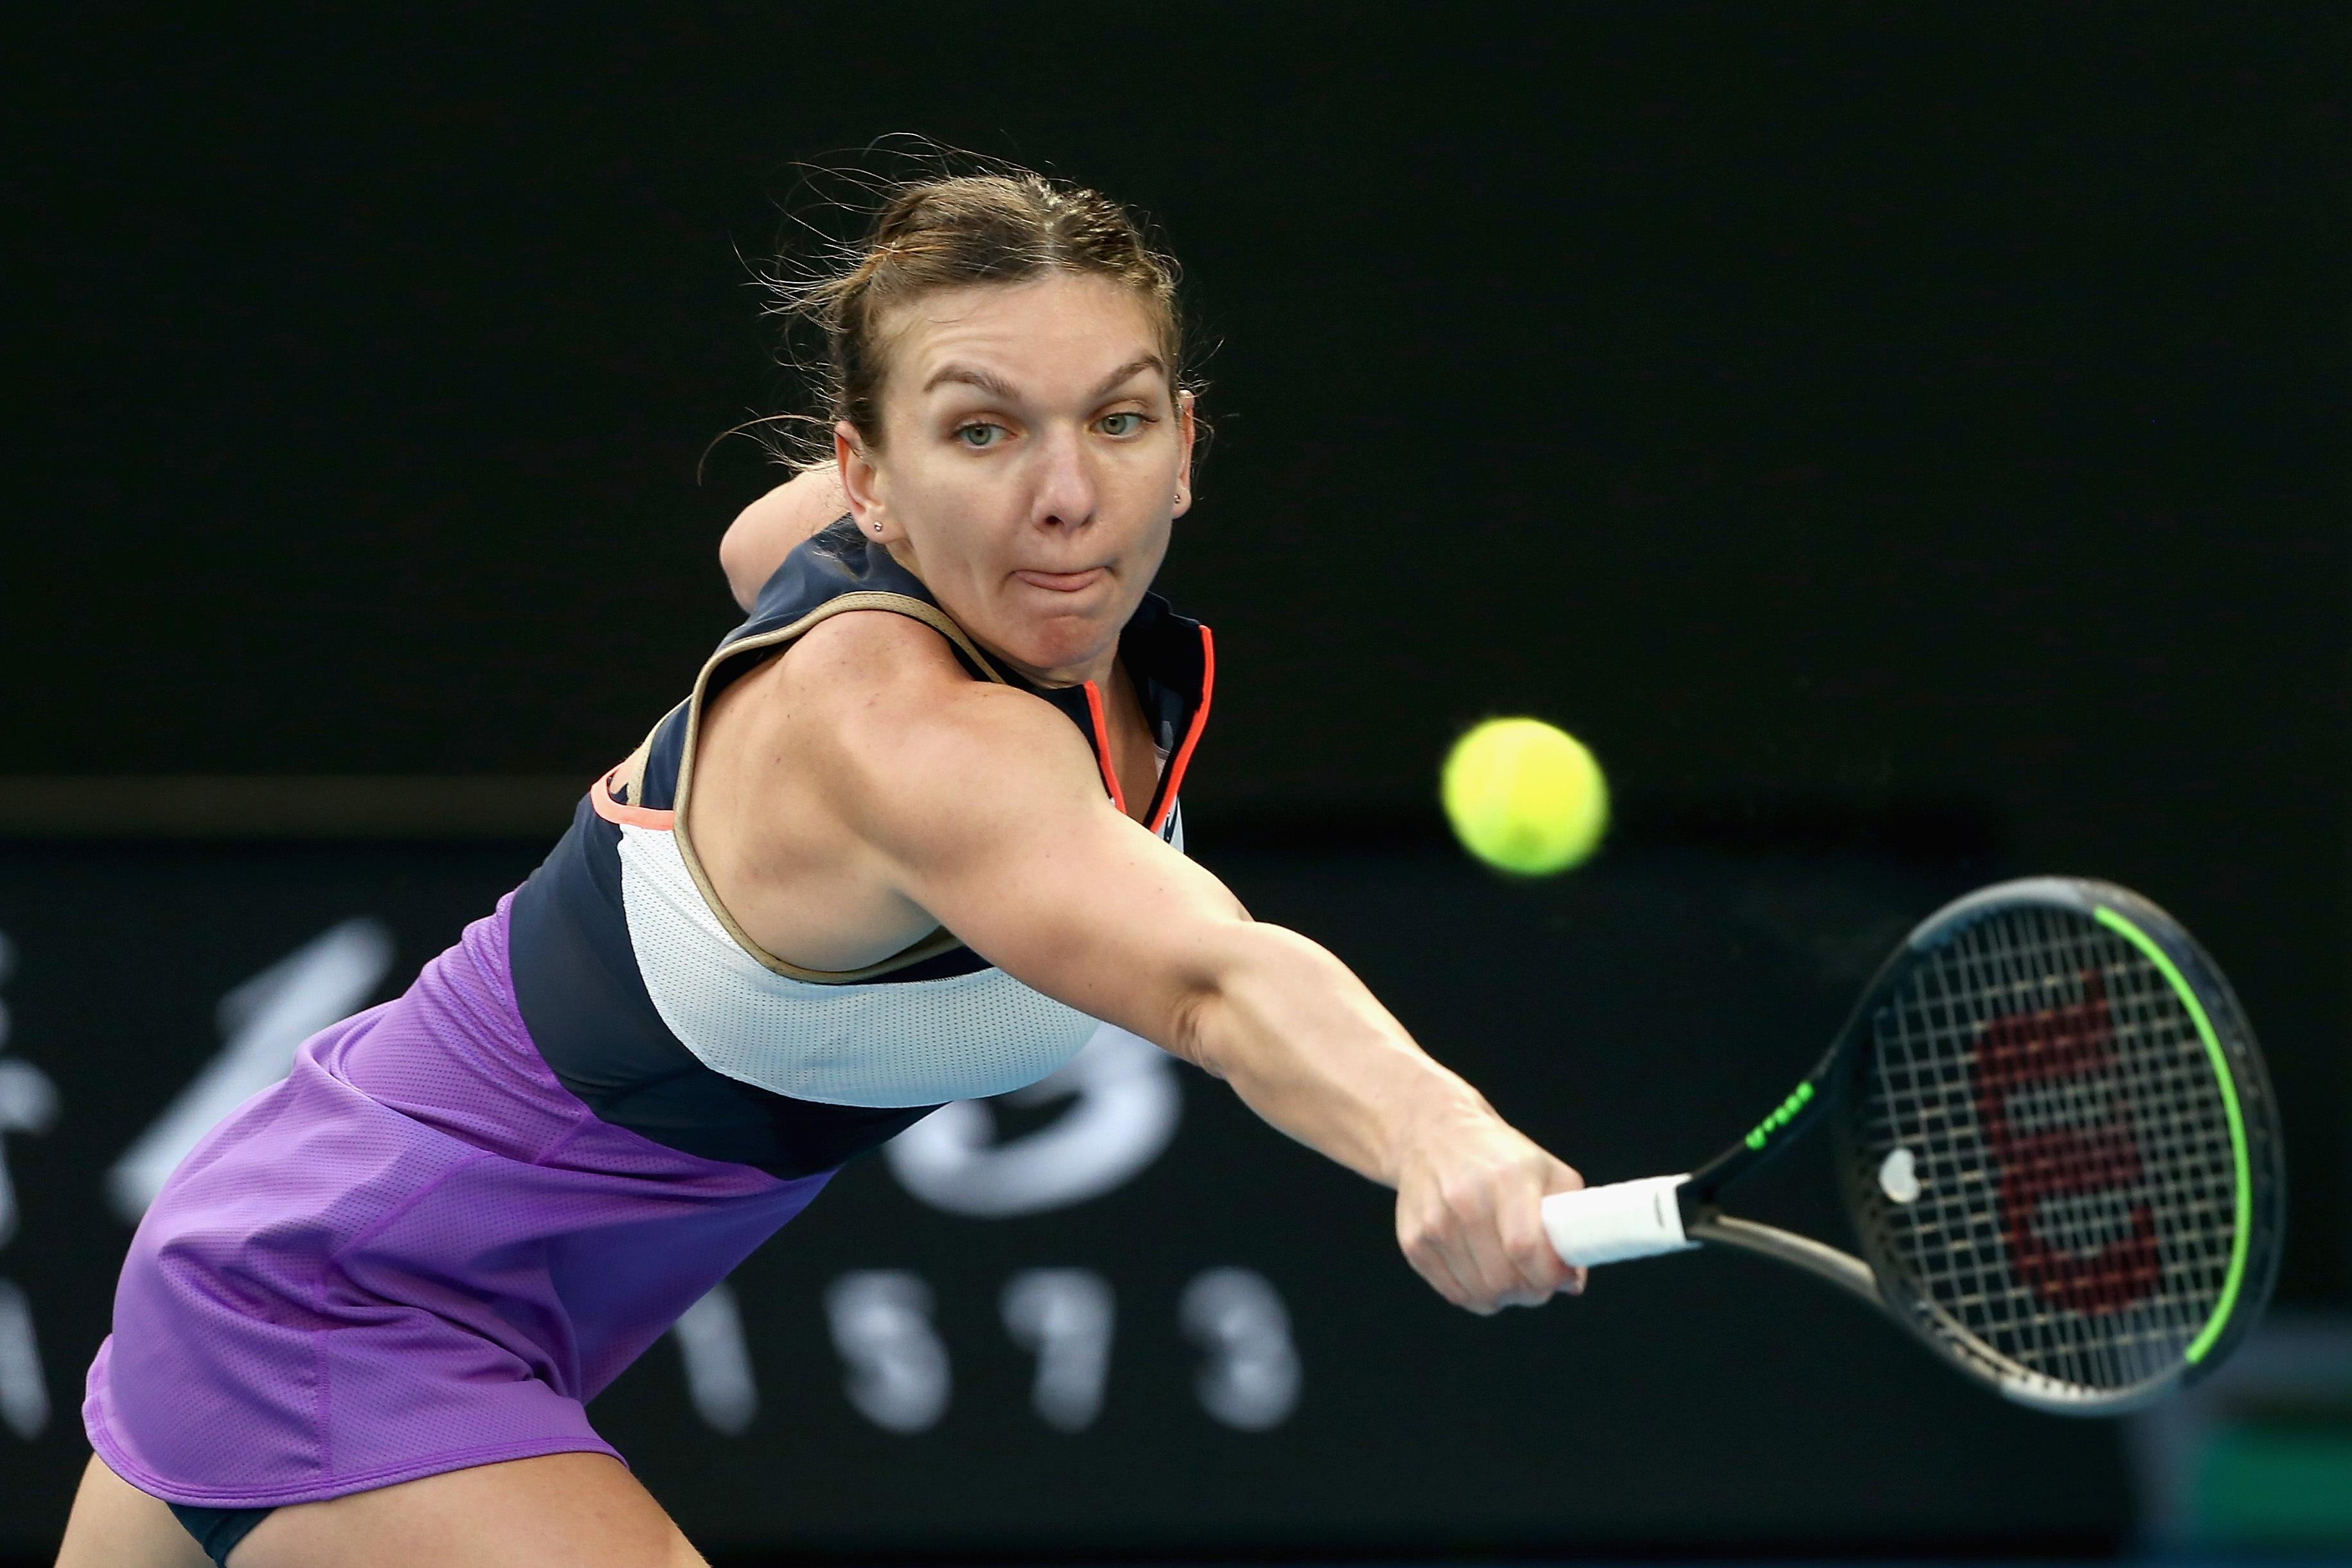 Финалистката през 2018 година Симона Халеп (Румъния) се класира за